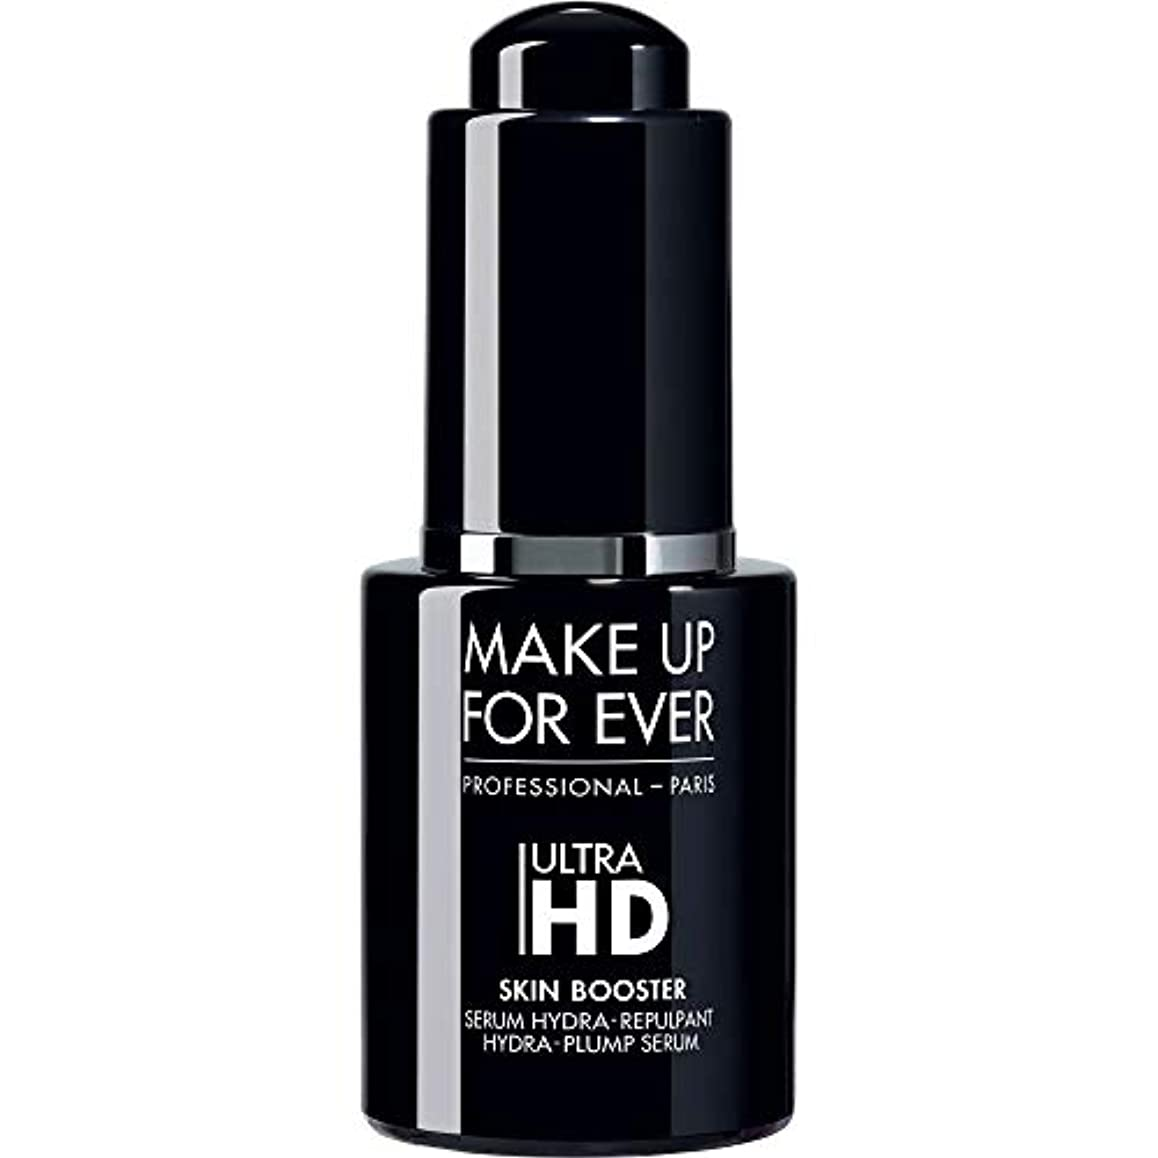 と非効率的な意味のある[MAKE UP FOR EVER] これまで超のHdスキンブースターヒドラ-ふっくら血清12ミリリットルを補います - MAKE UP FOR EVER Ultra HD Skin Booster Hydra-Plump...